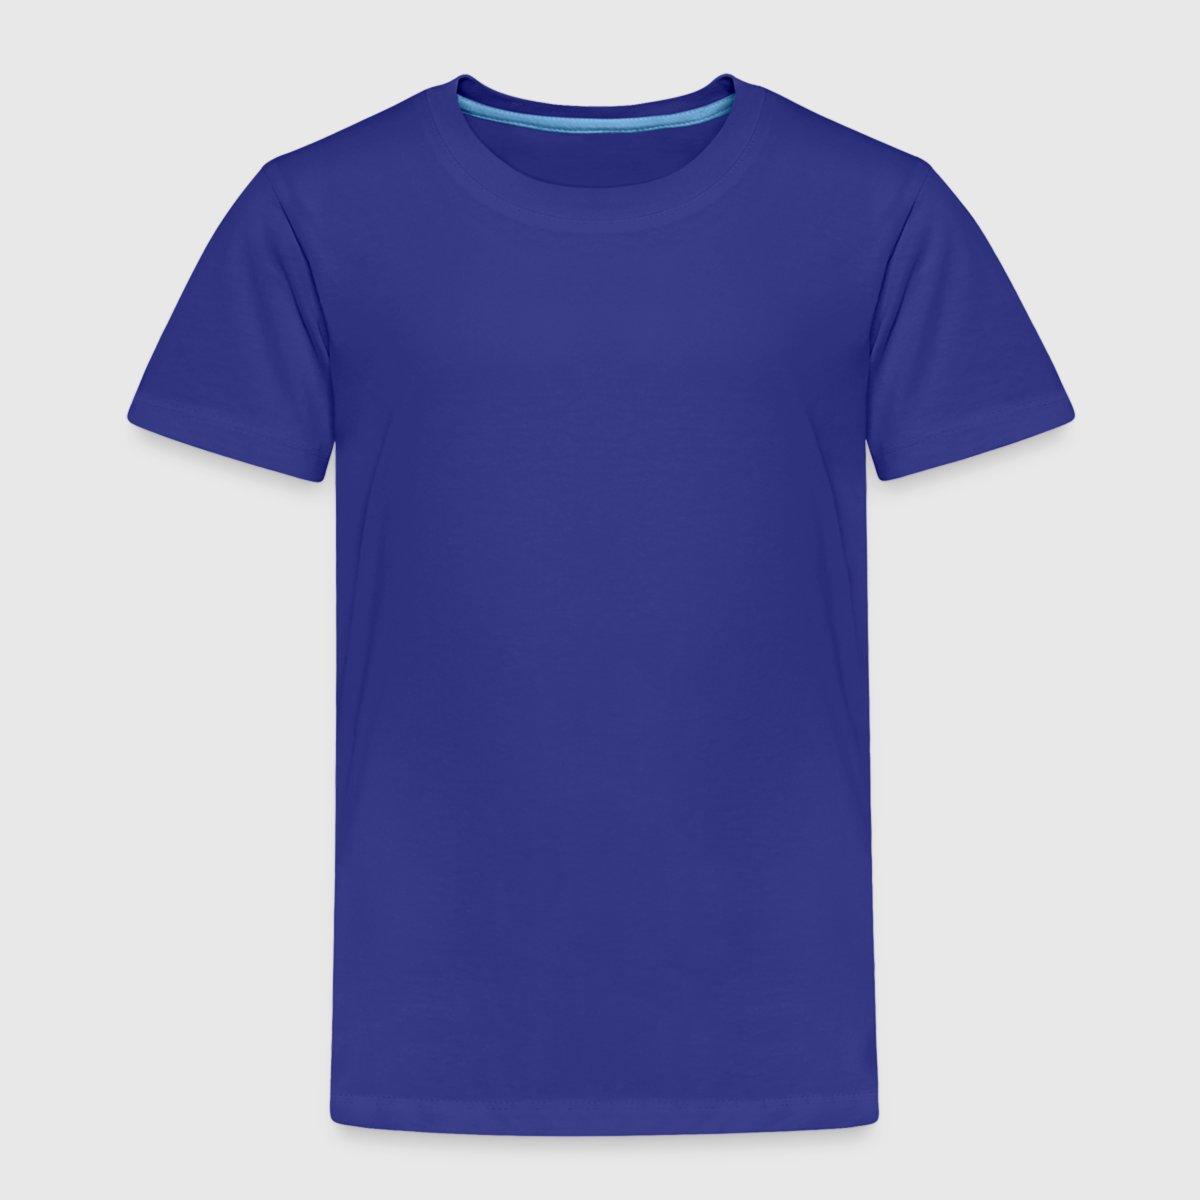 kinder premium t shirt spreadshirt. Black Bedroom Furniture Sets. Home Design Ideas